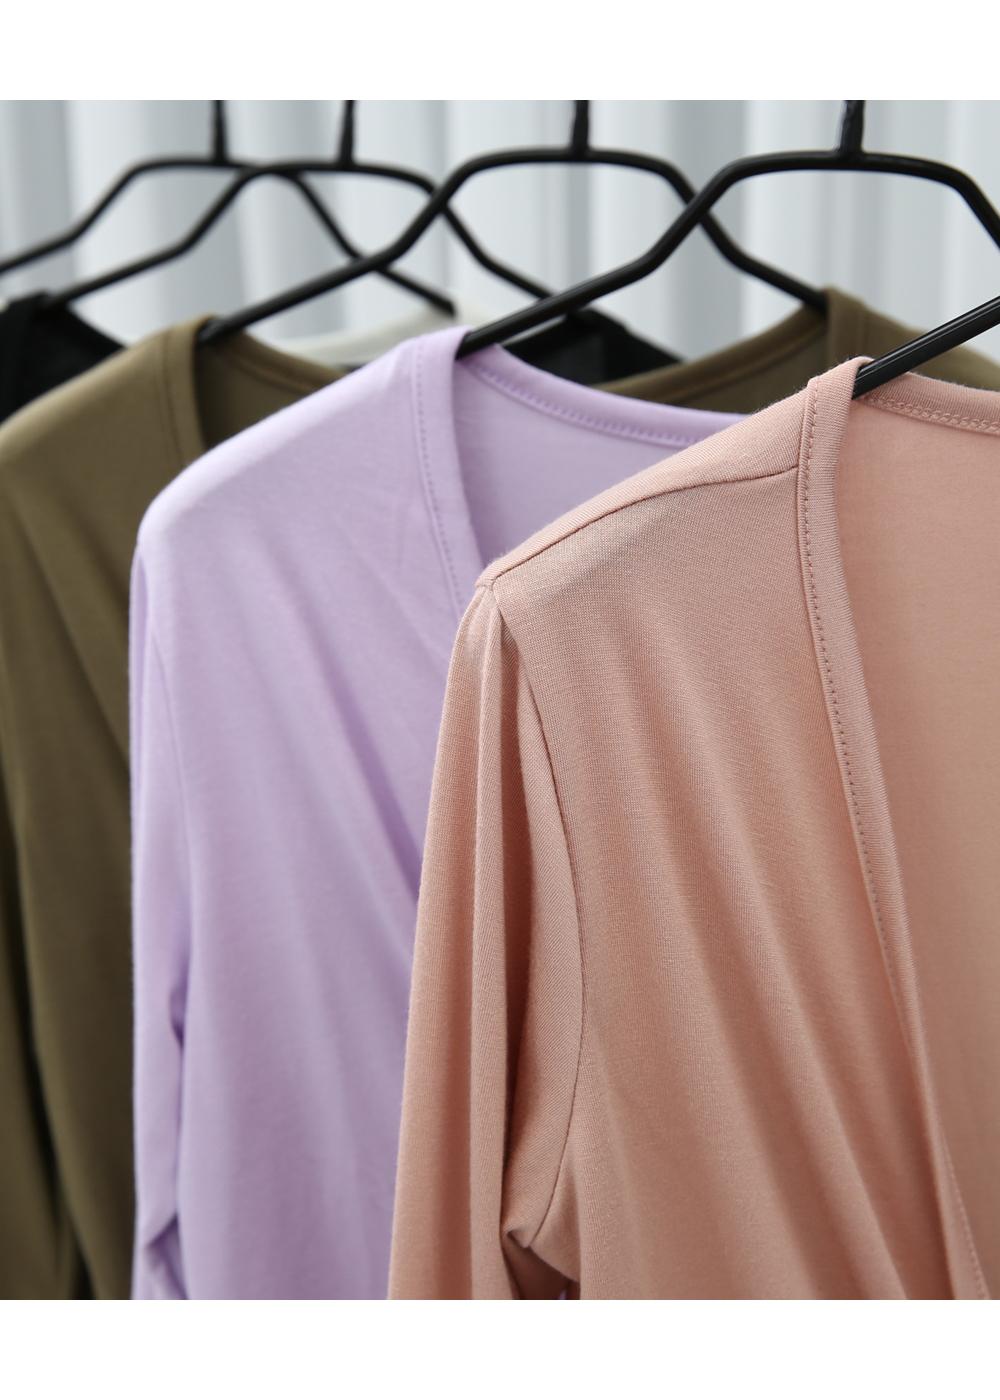 連衣裙產品詳細圖片-S1L14